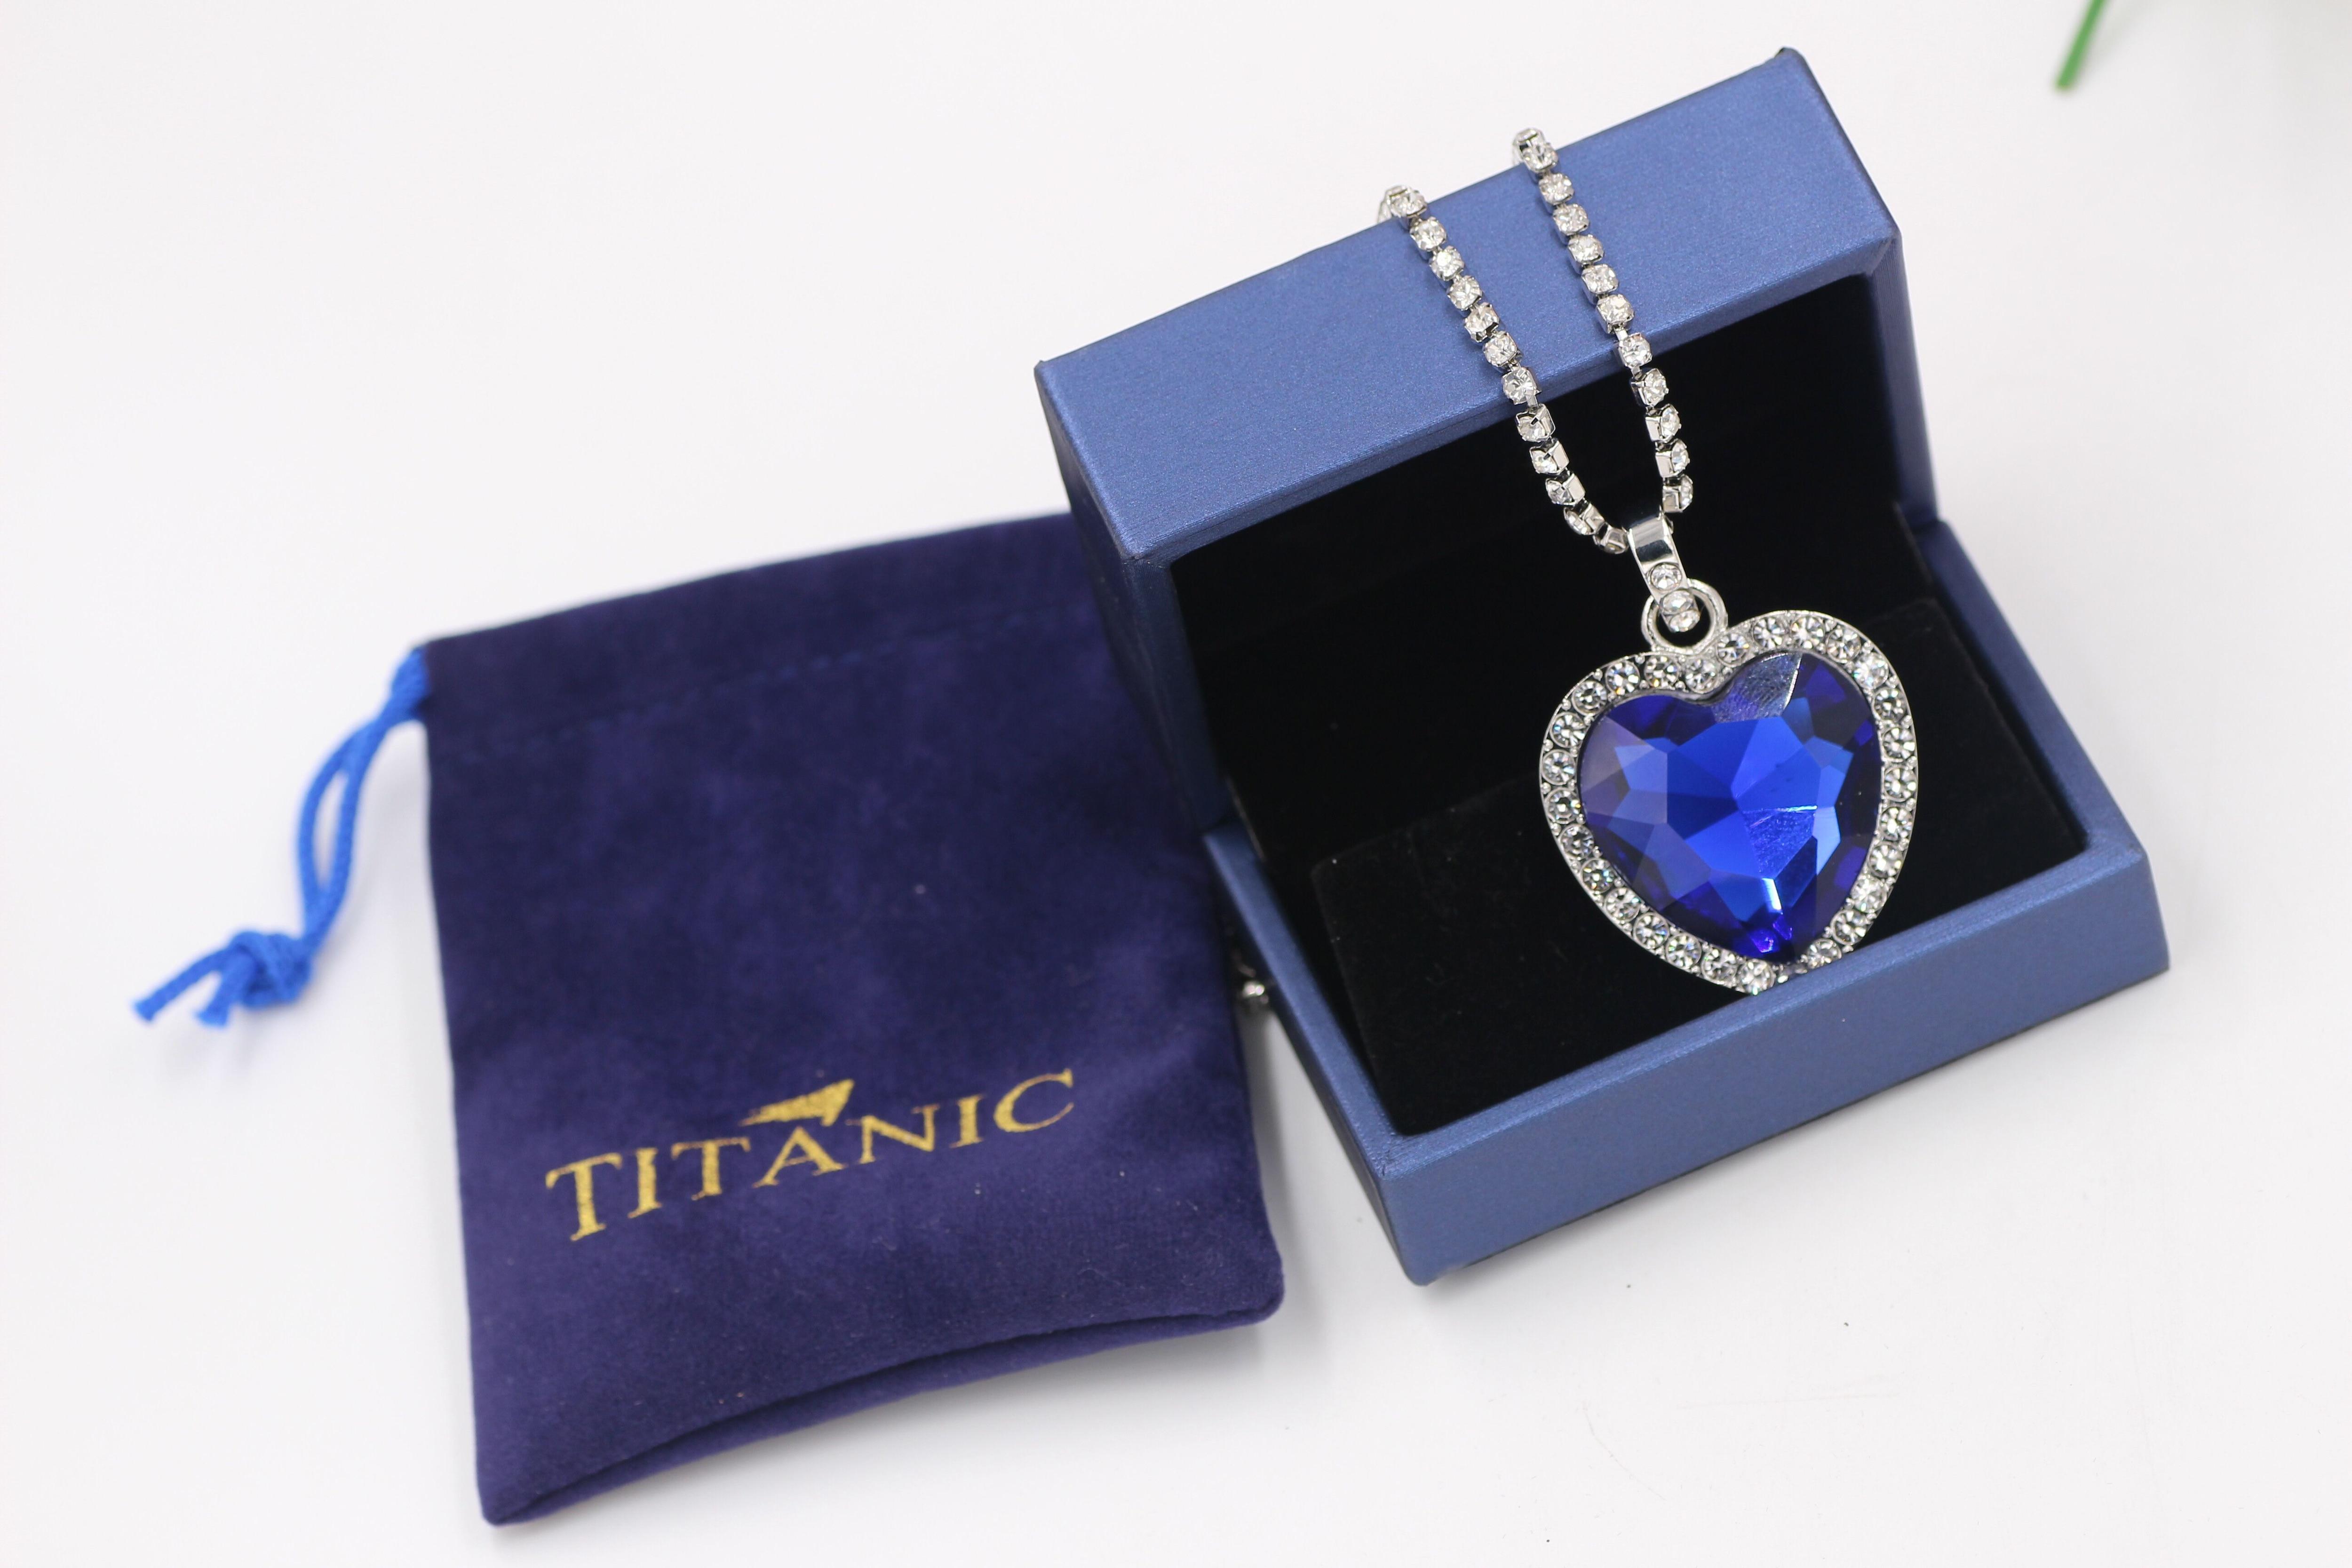 Titanic Heart of Ocean blue heart love forever pendant Necklace + velvet bag 2